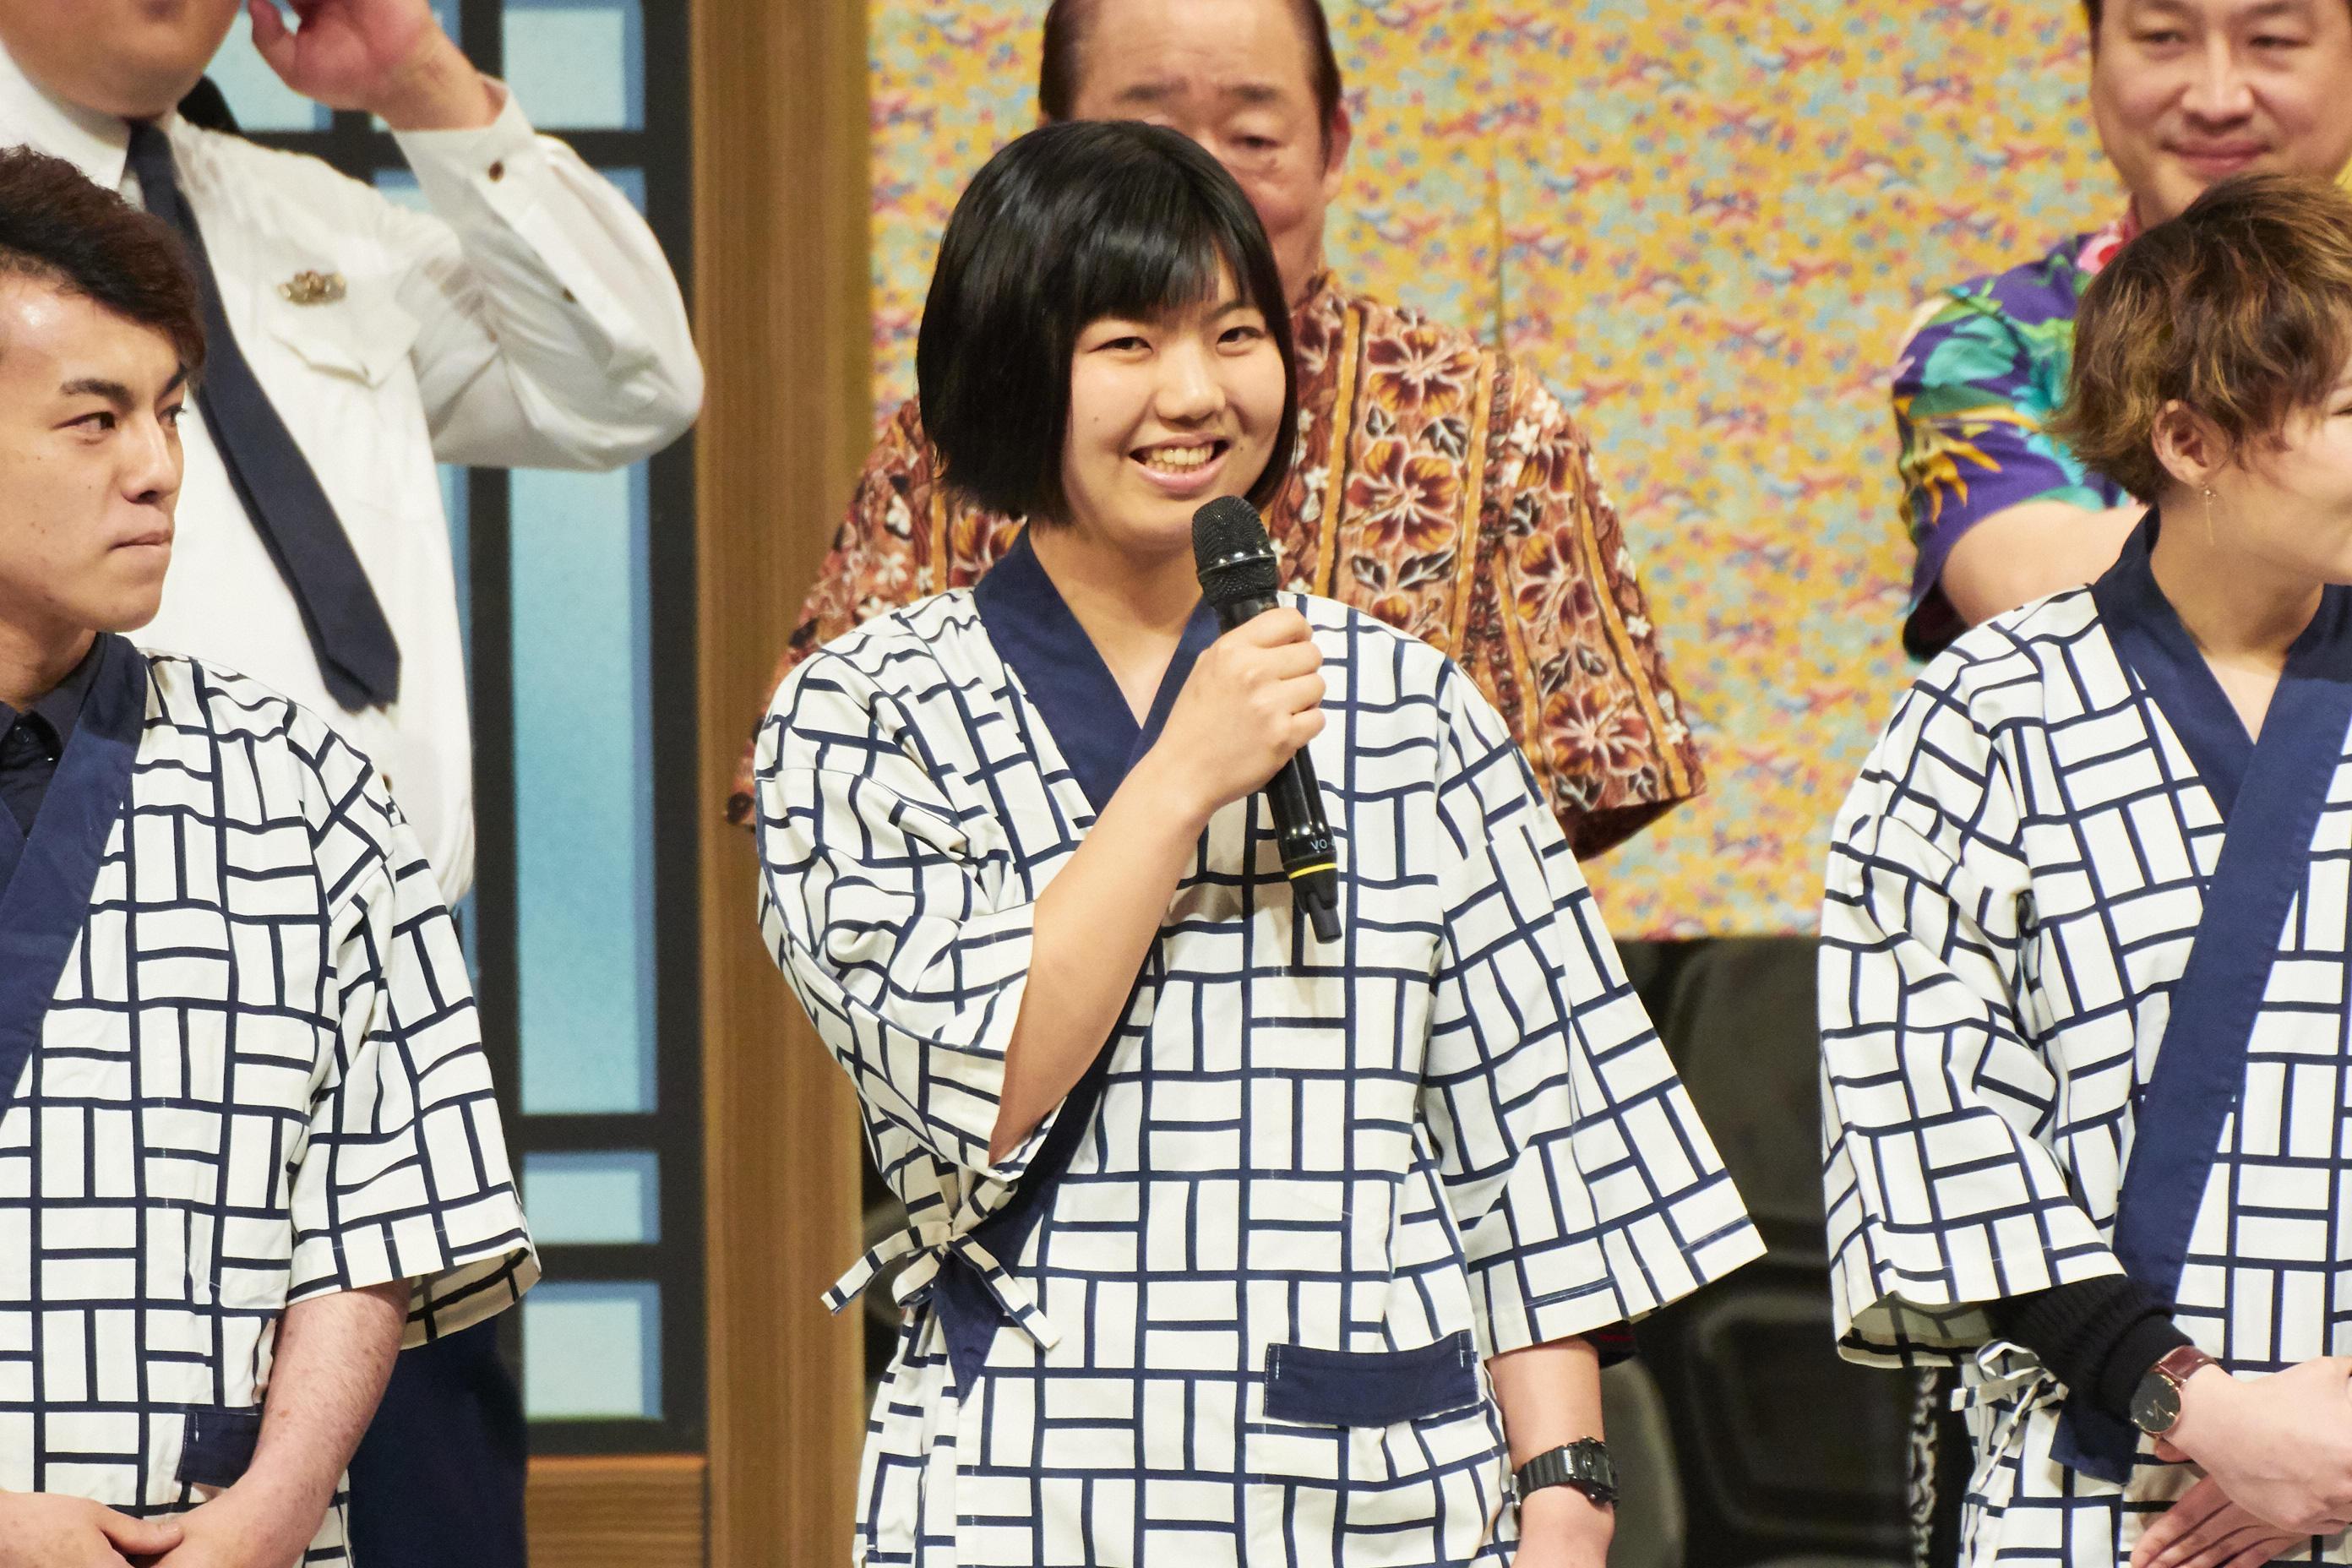 http://news.yoshimoto.co.jp/20180415184635-7a11a25760b37c409f1c644167f7ef3ad1217d44.jpg